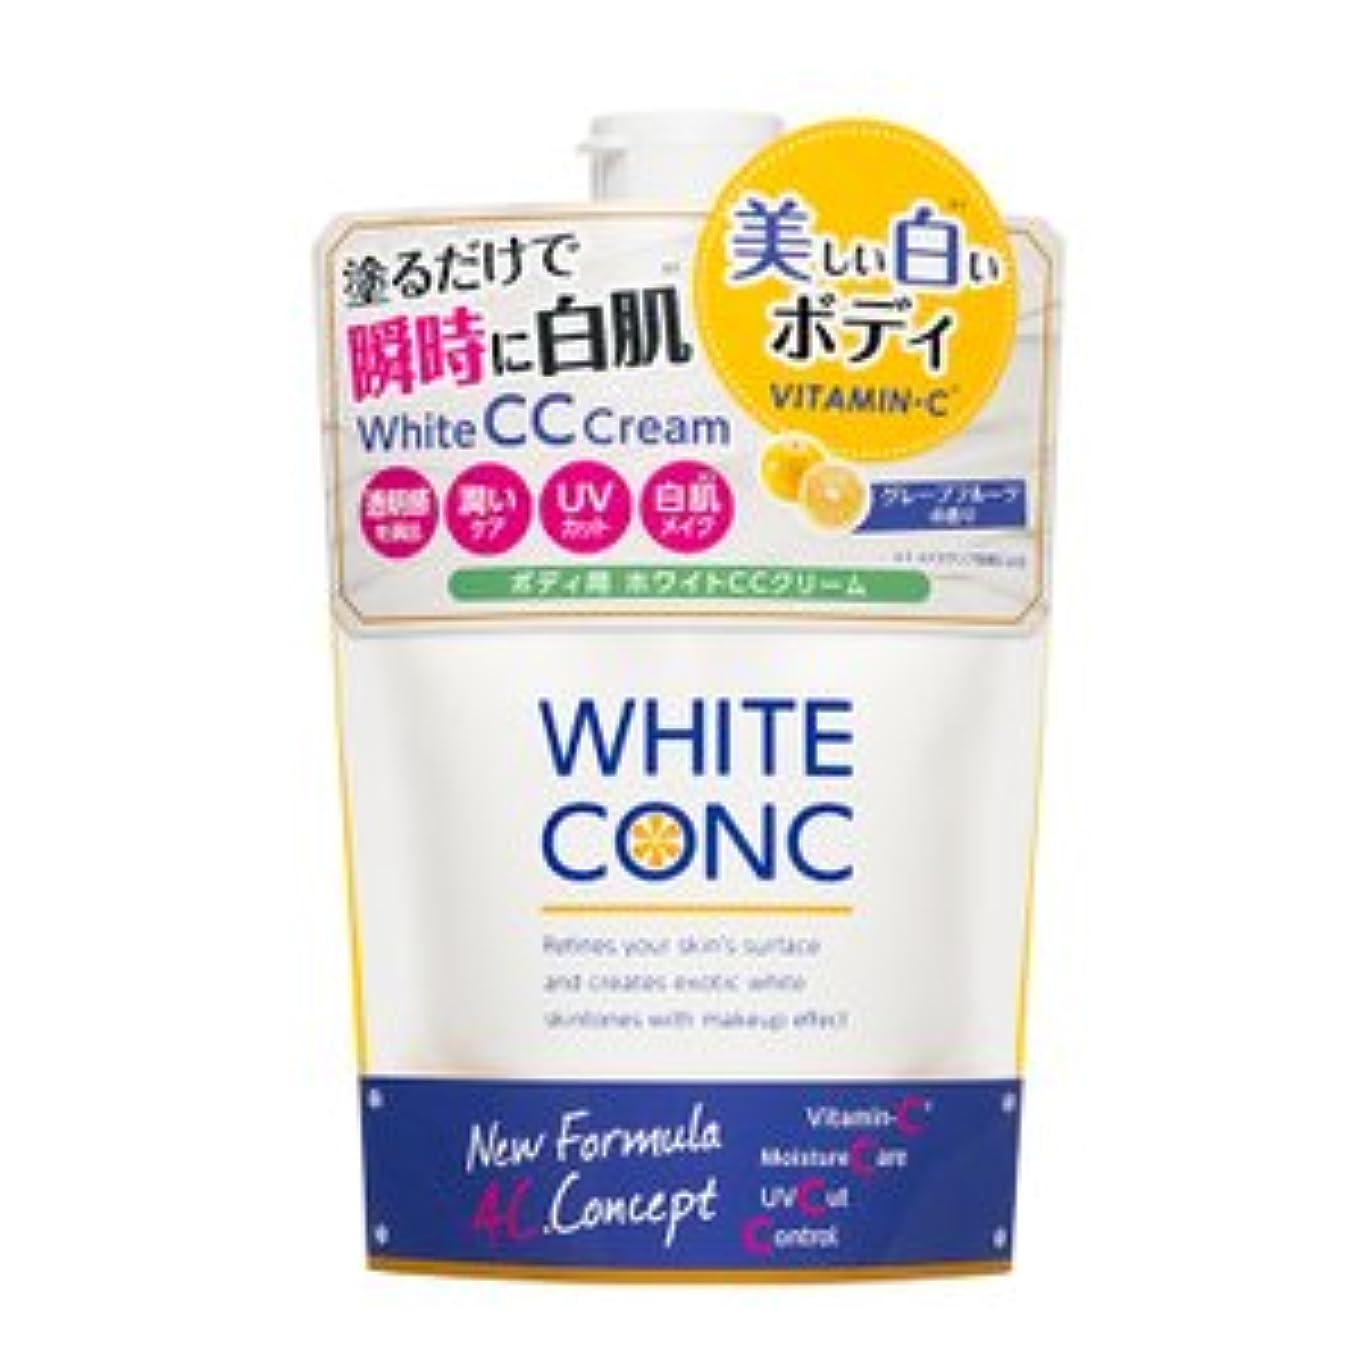 ゴージャス怒り硬い薬用ホワイトコンクホワイトCCクリーム 200g